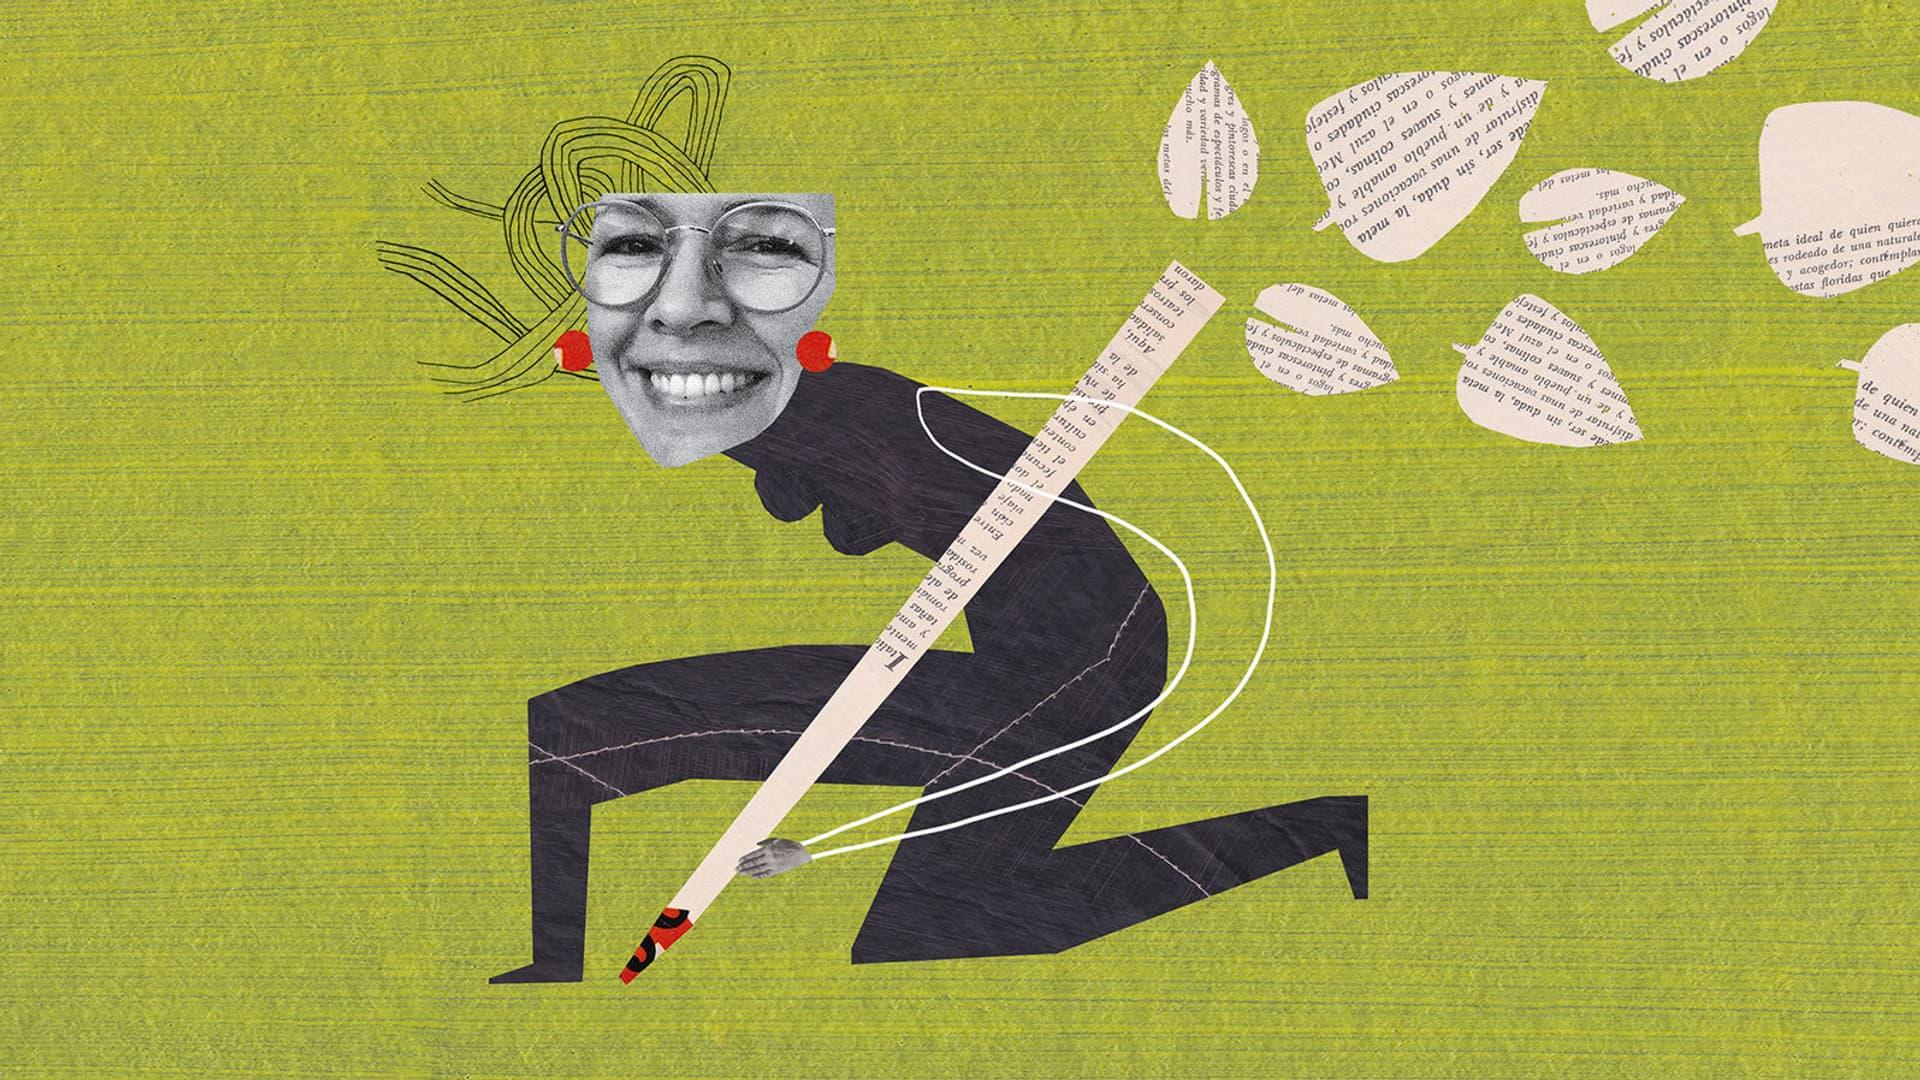 Jutta Koch mit einem Stift in der Hand, aus dem Blätter fliegen